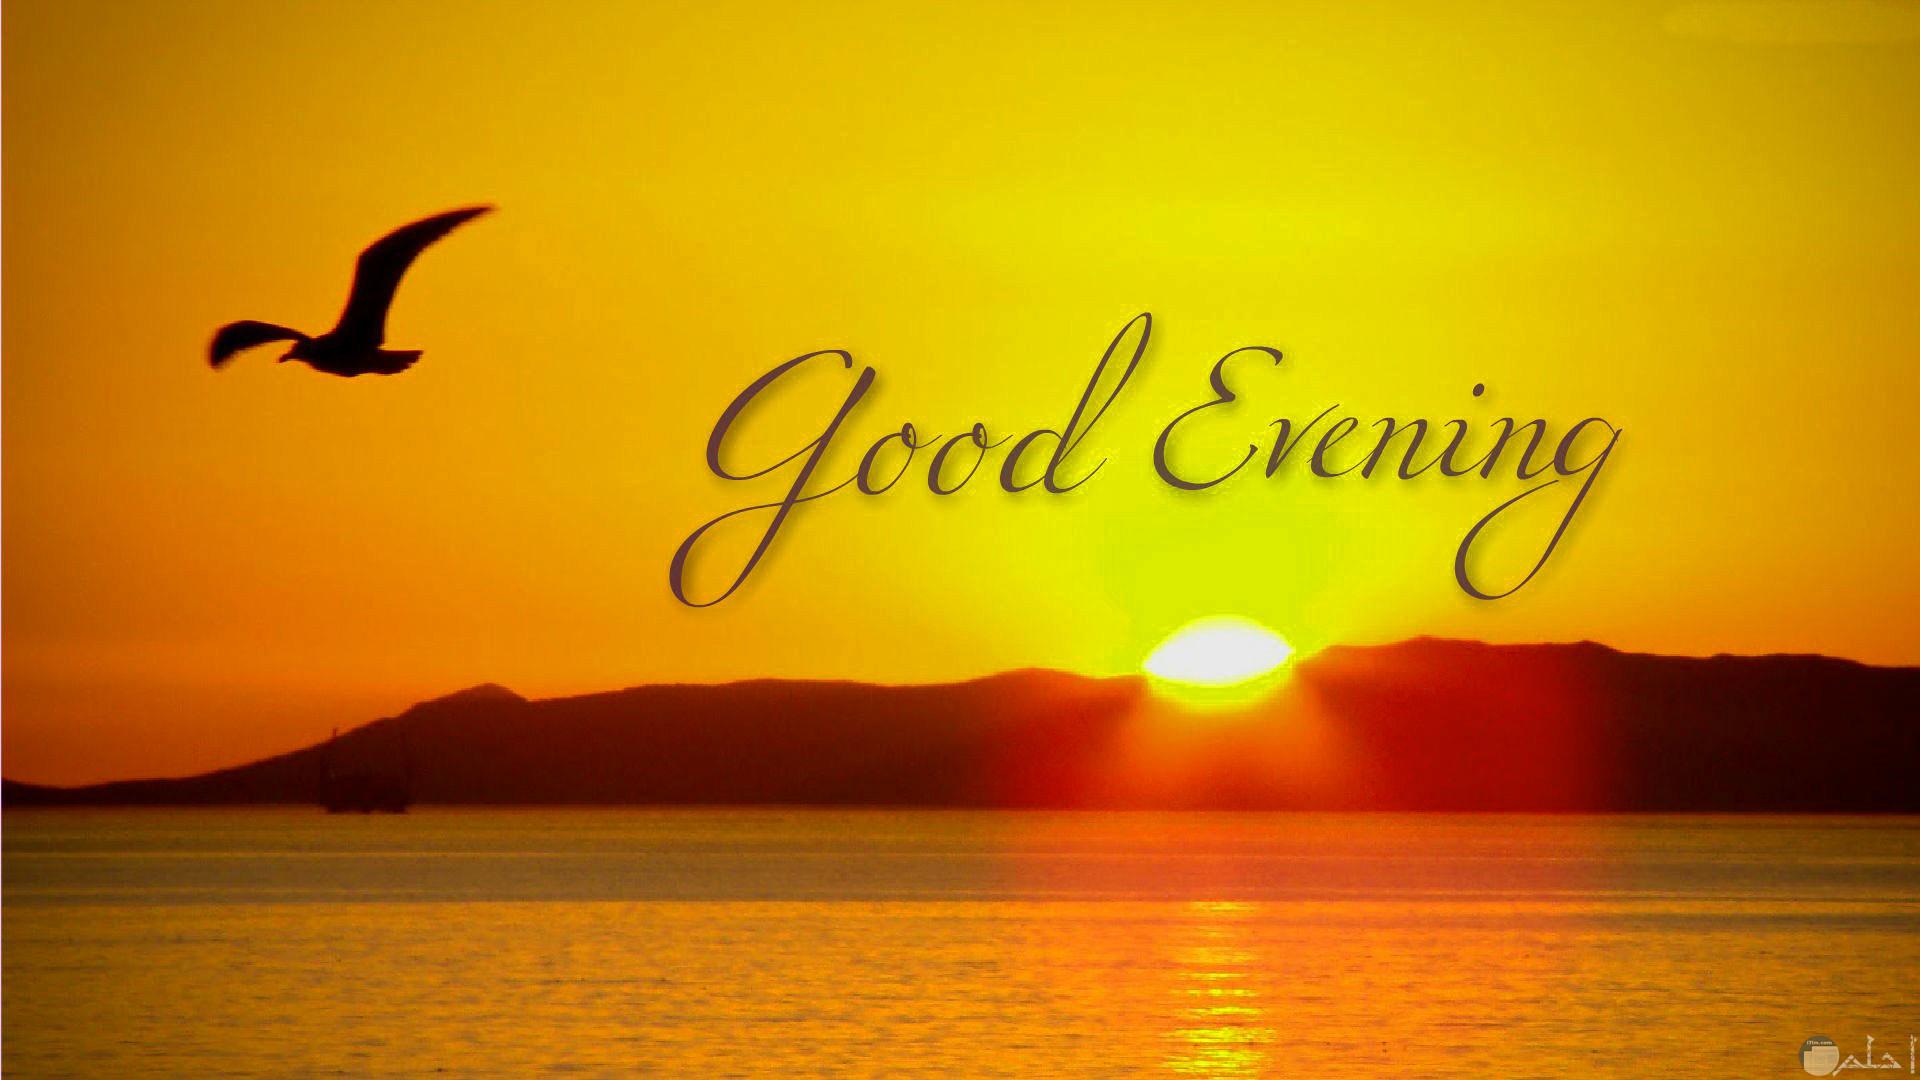 صورةgood-evening